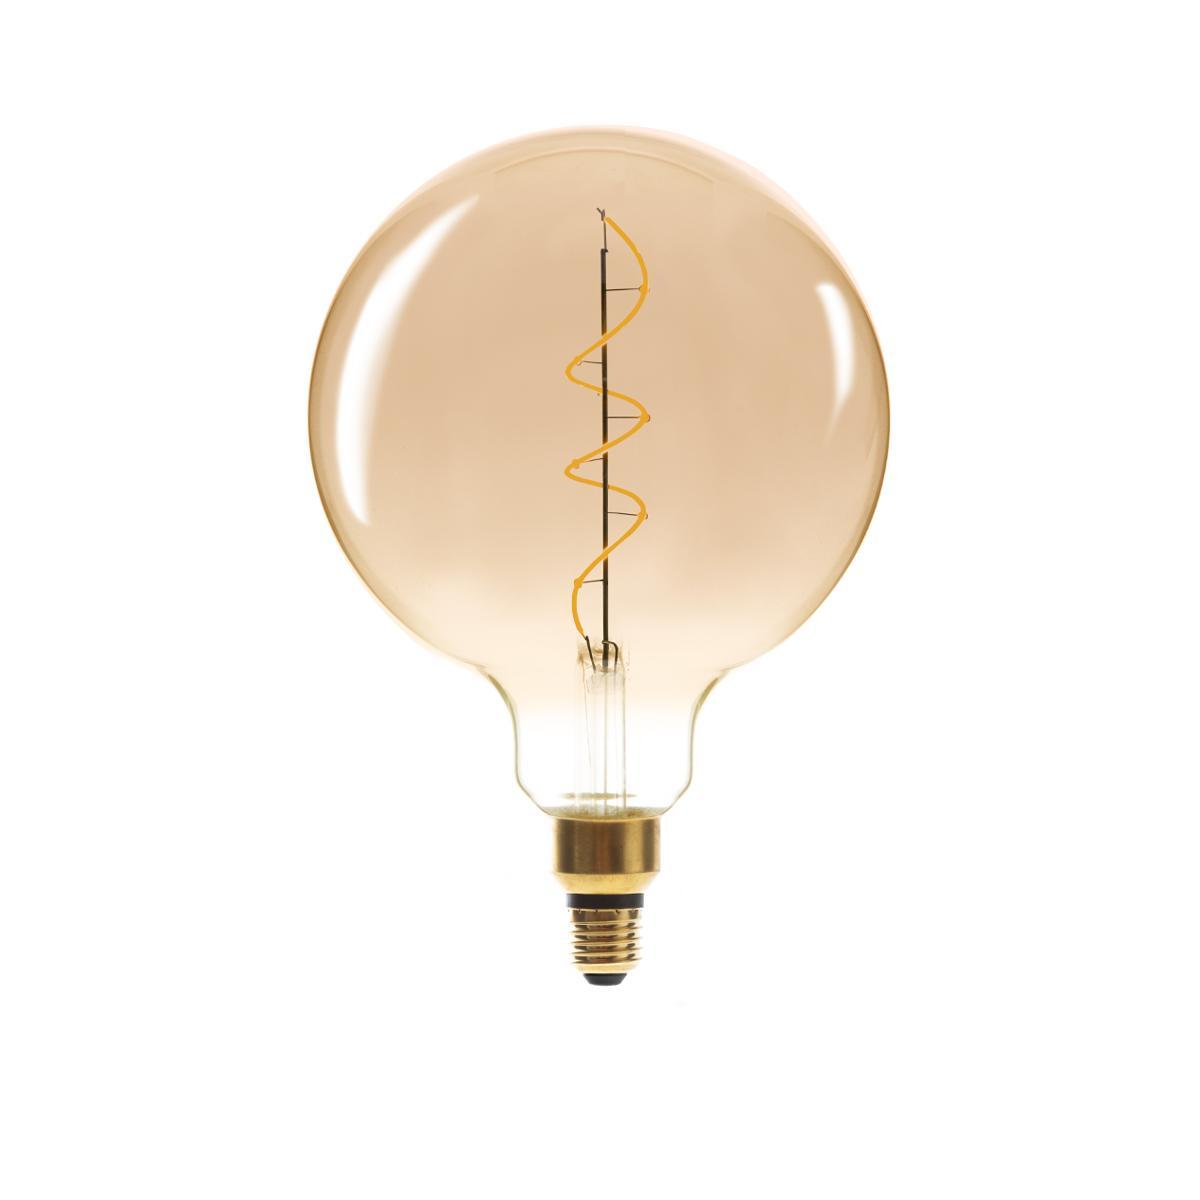 Ampoule LED Torsad Ambrée G200 6W